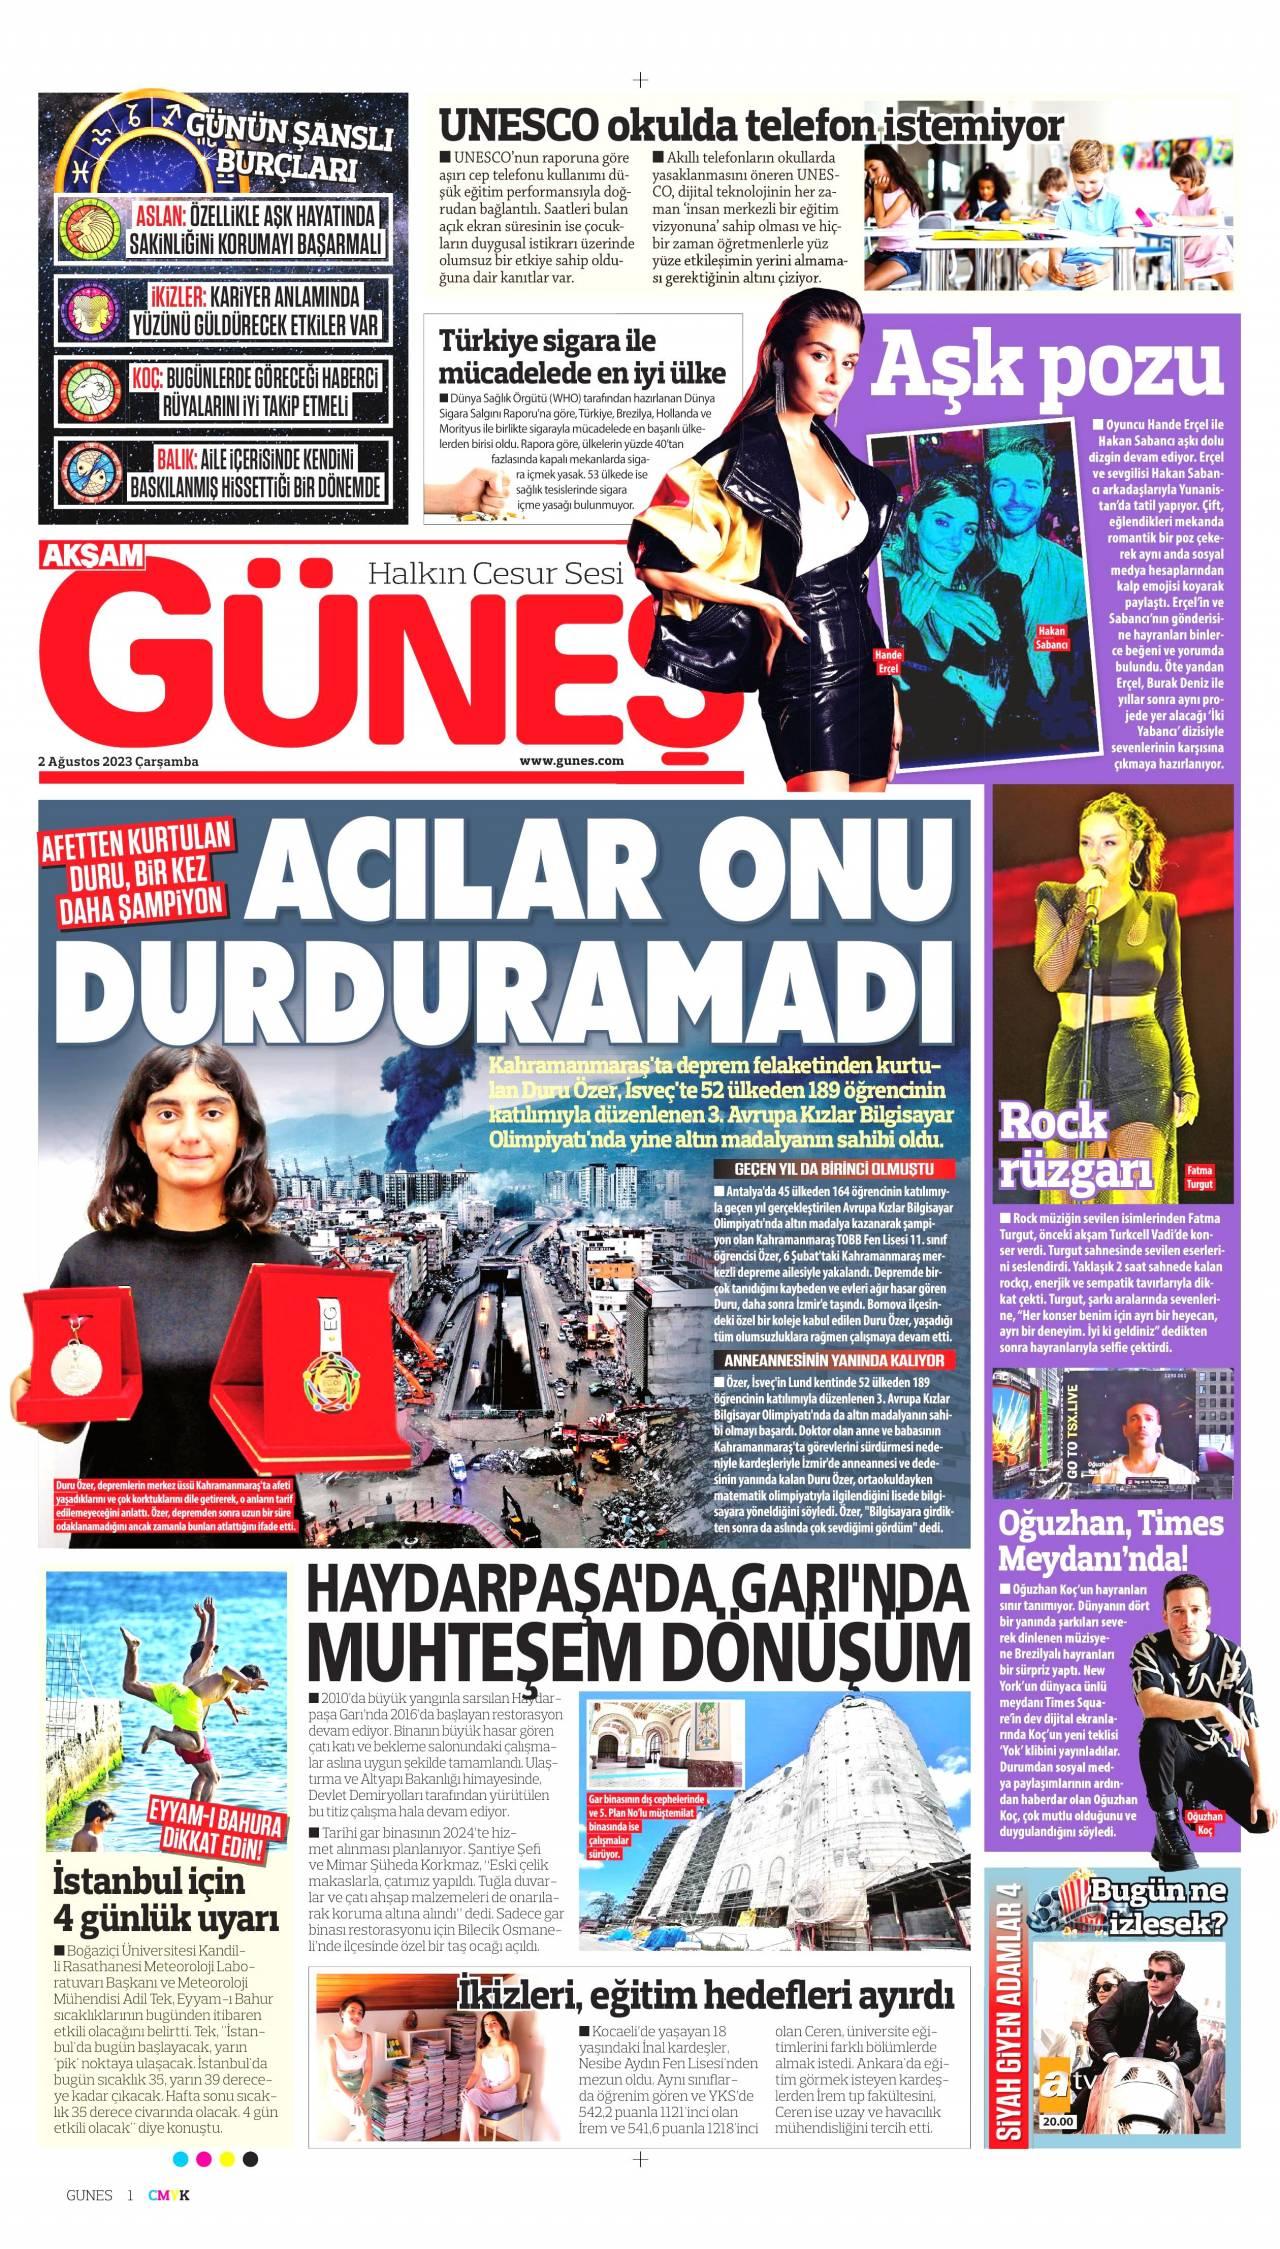 gunes Gazetesi 1. sayfası